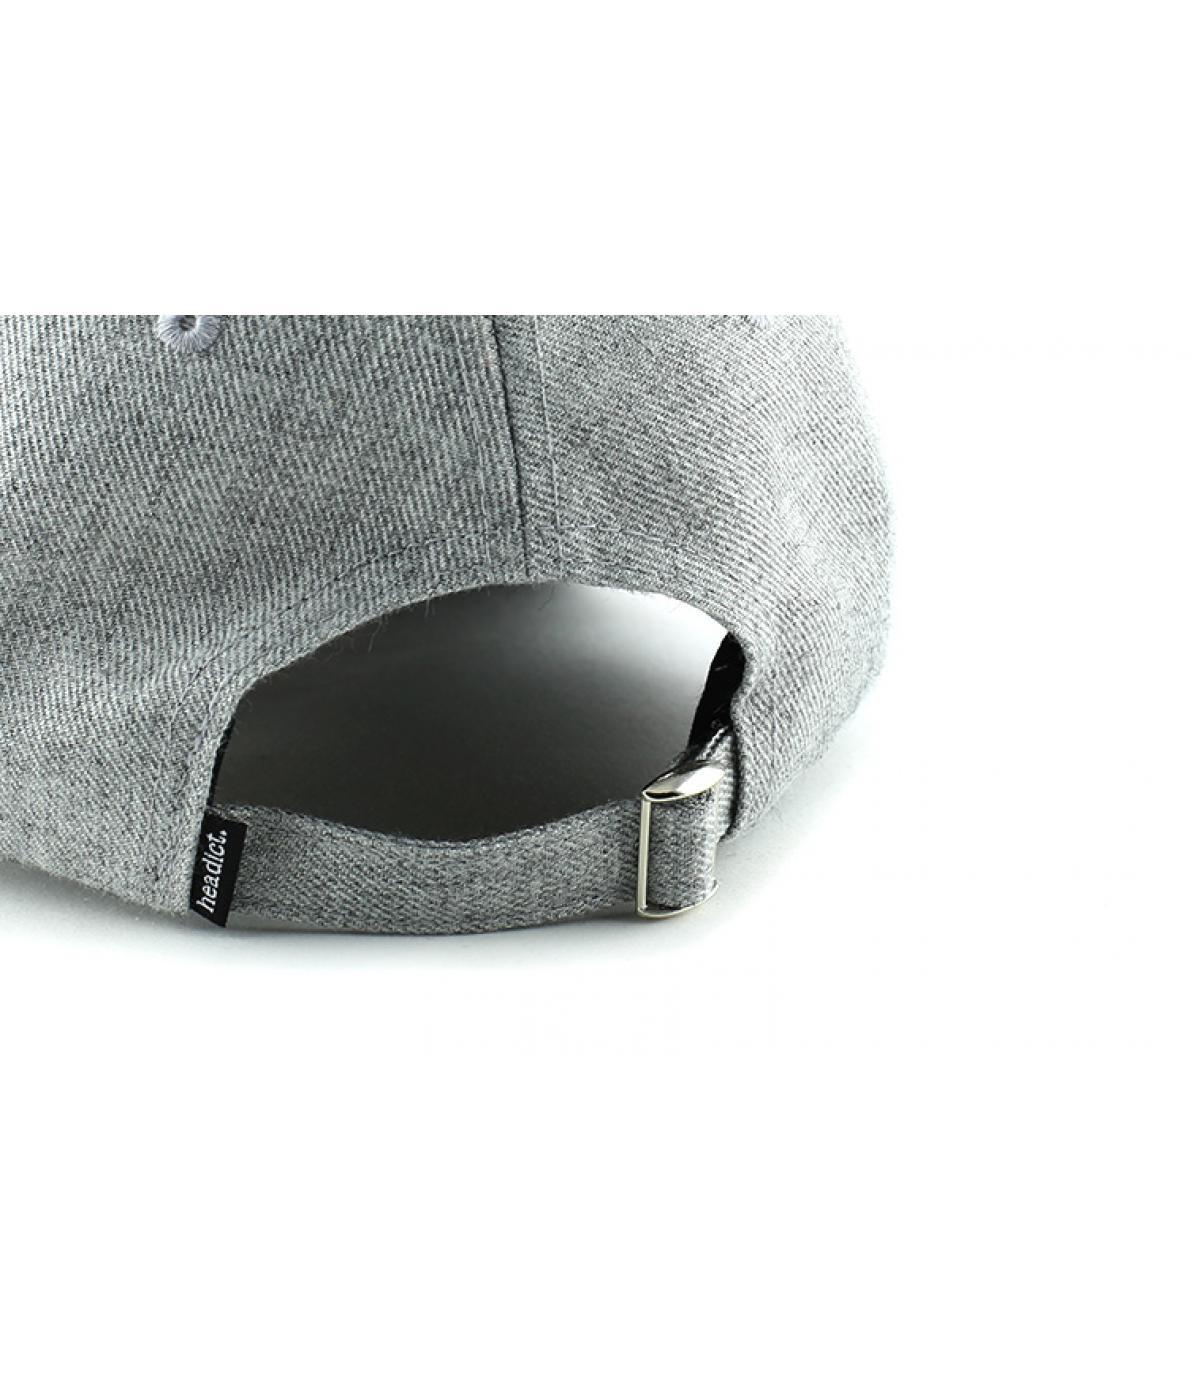 Dettagli Curve Chifoumi grey balck - image 5